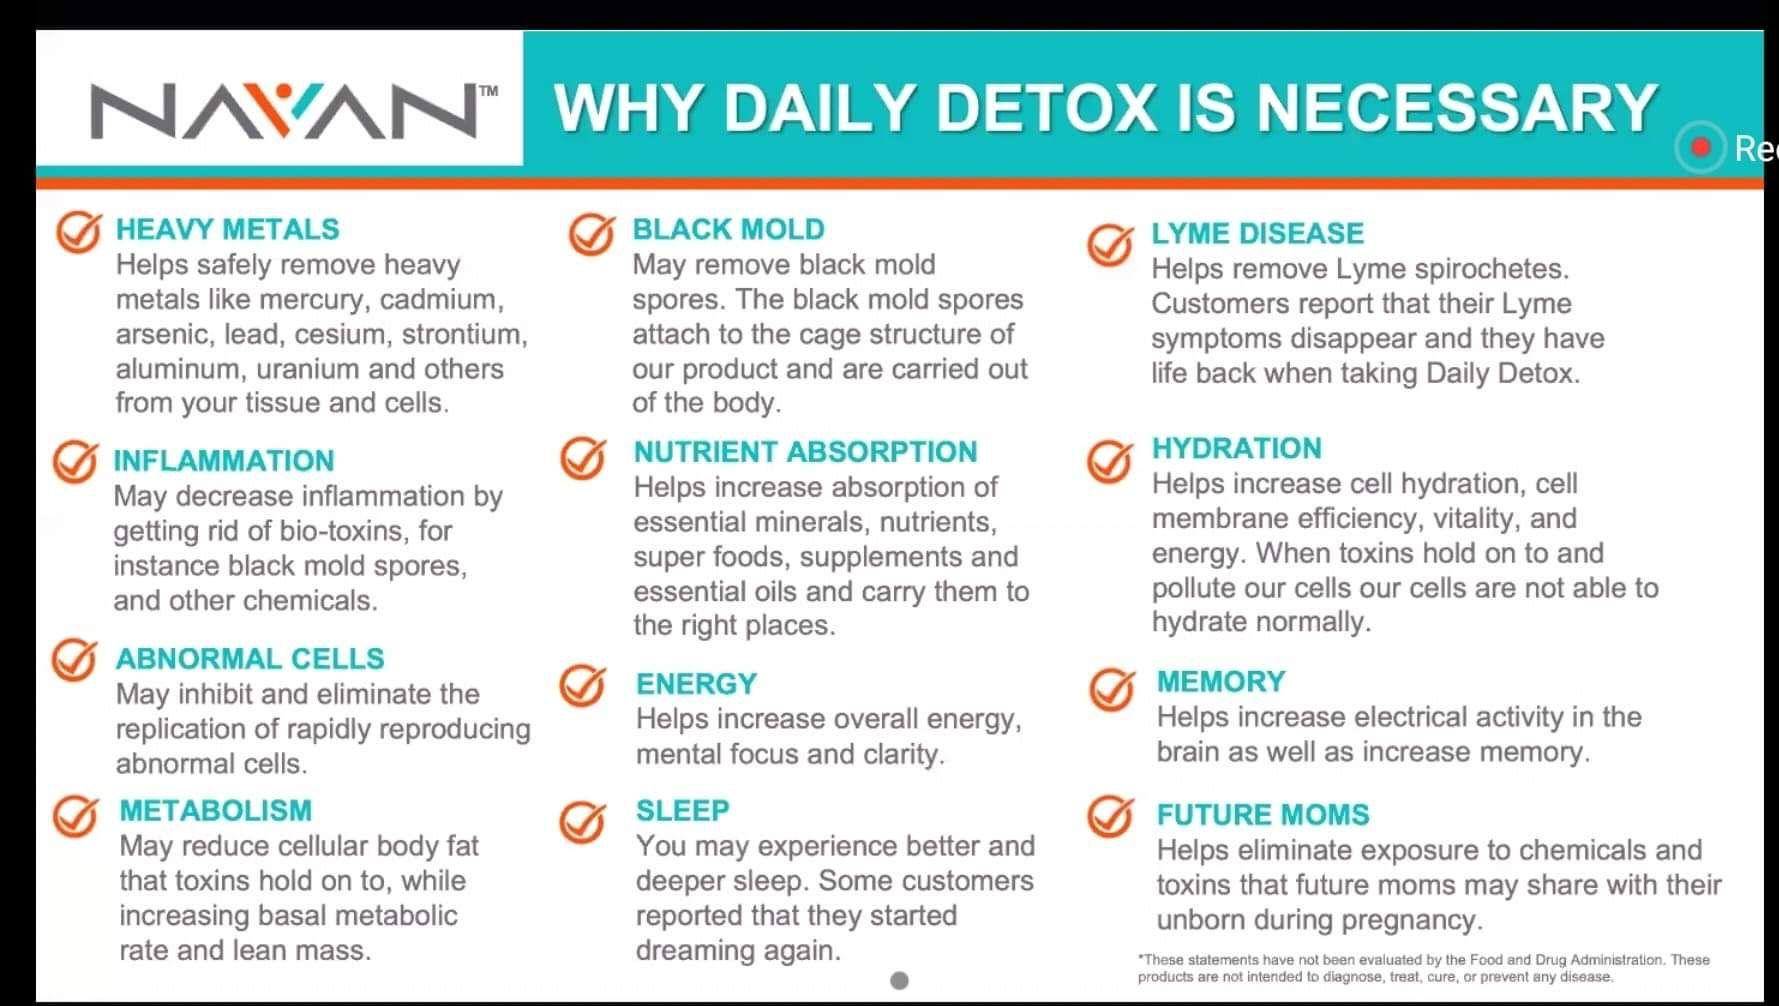 Pin by Kayla on Navan in 2020 Daily detox, Navan, How to